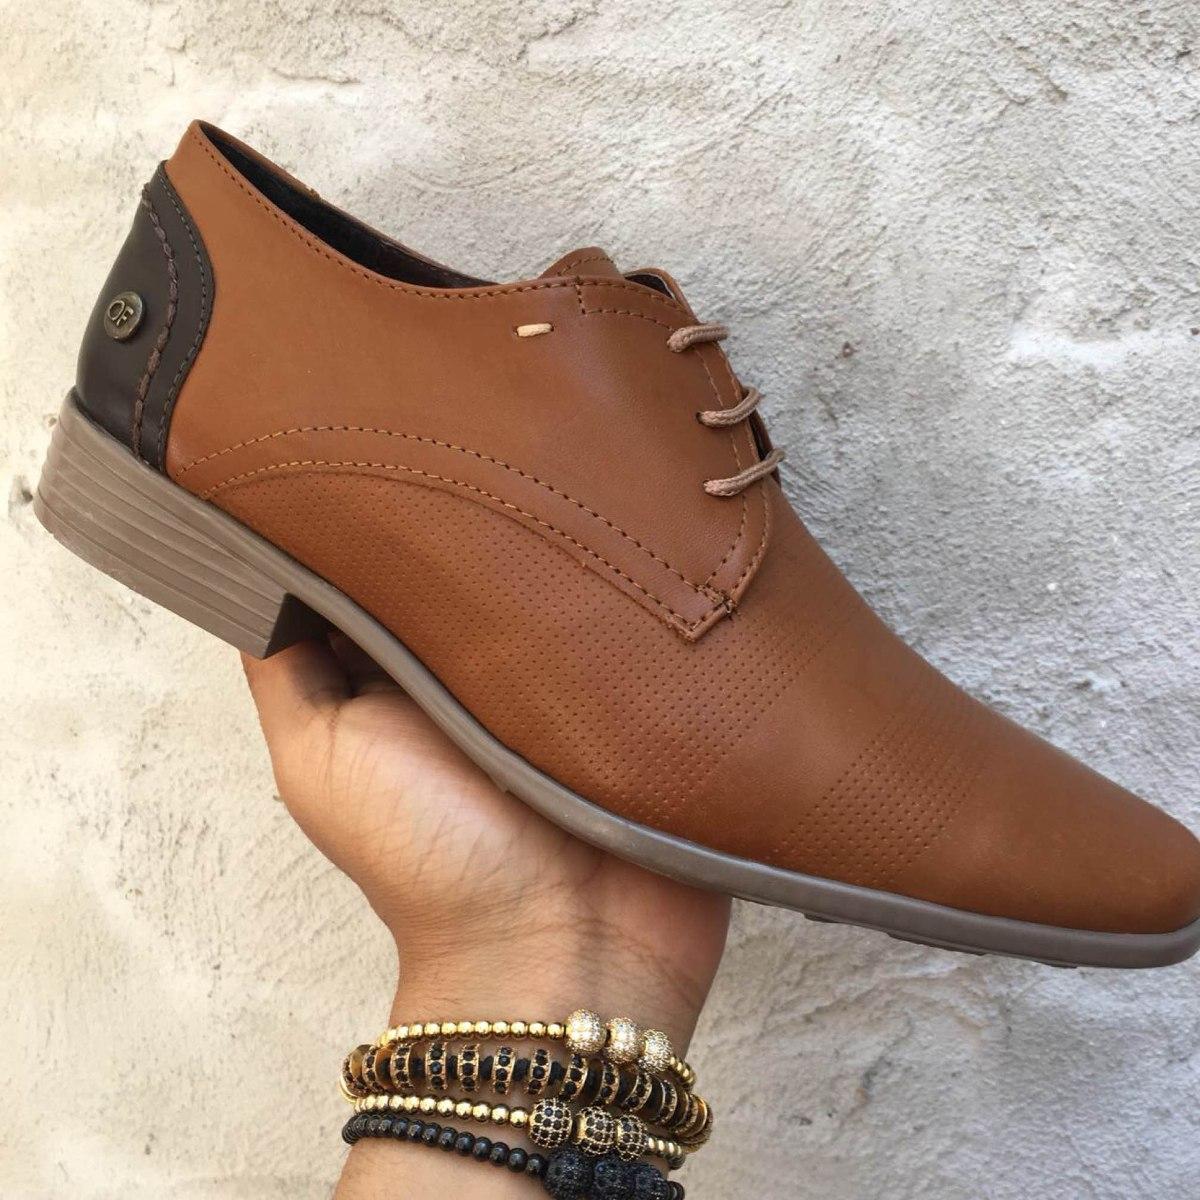 Zapato Miel De Vestir Para Niño -   360.00 en Mercado Libre d0ec41c38a9